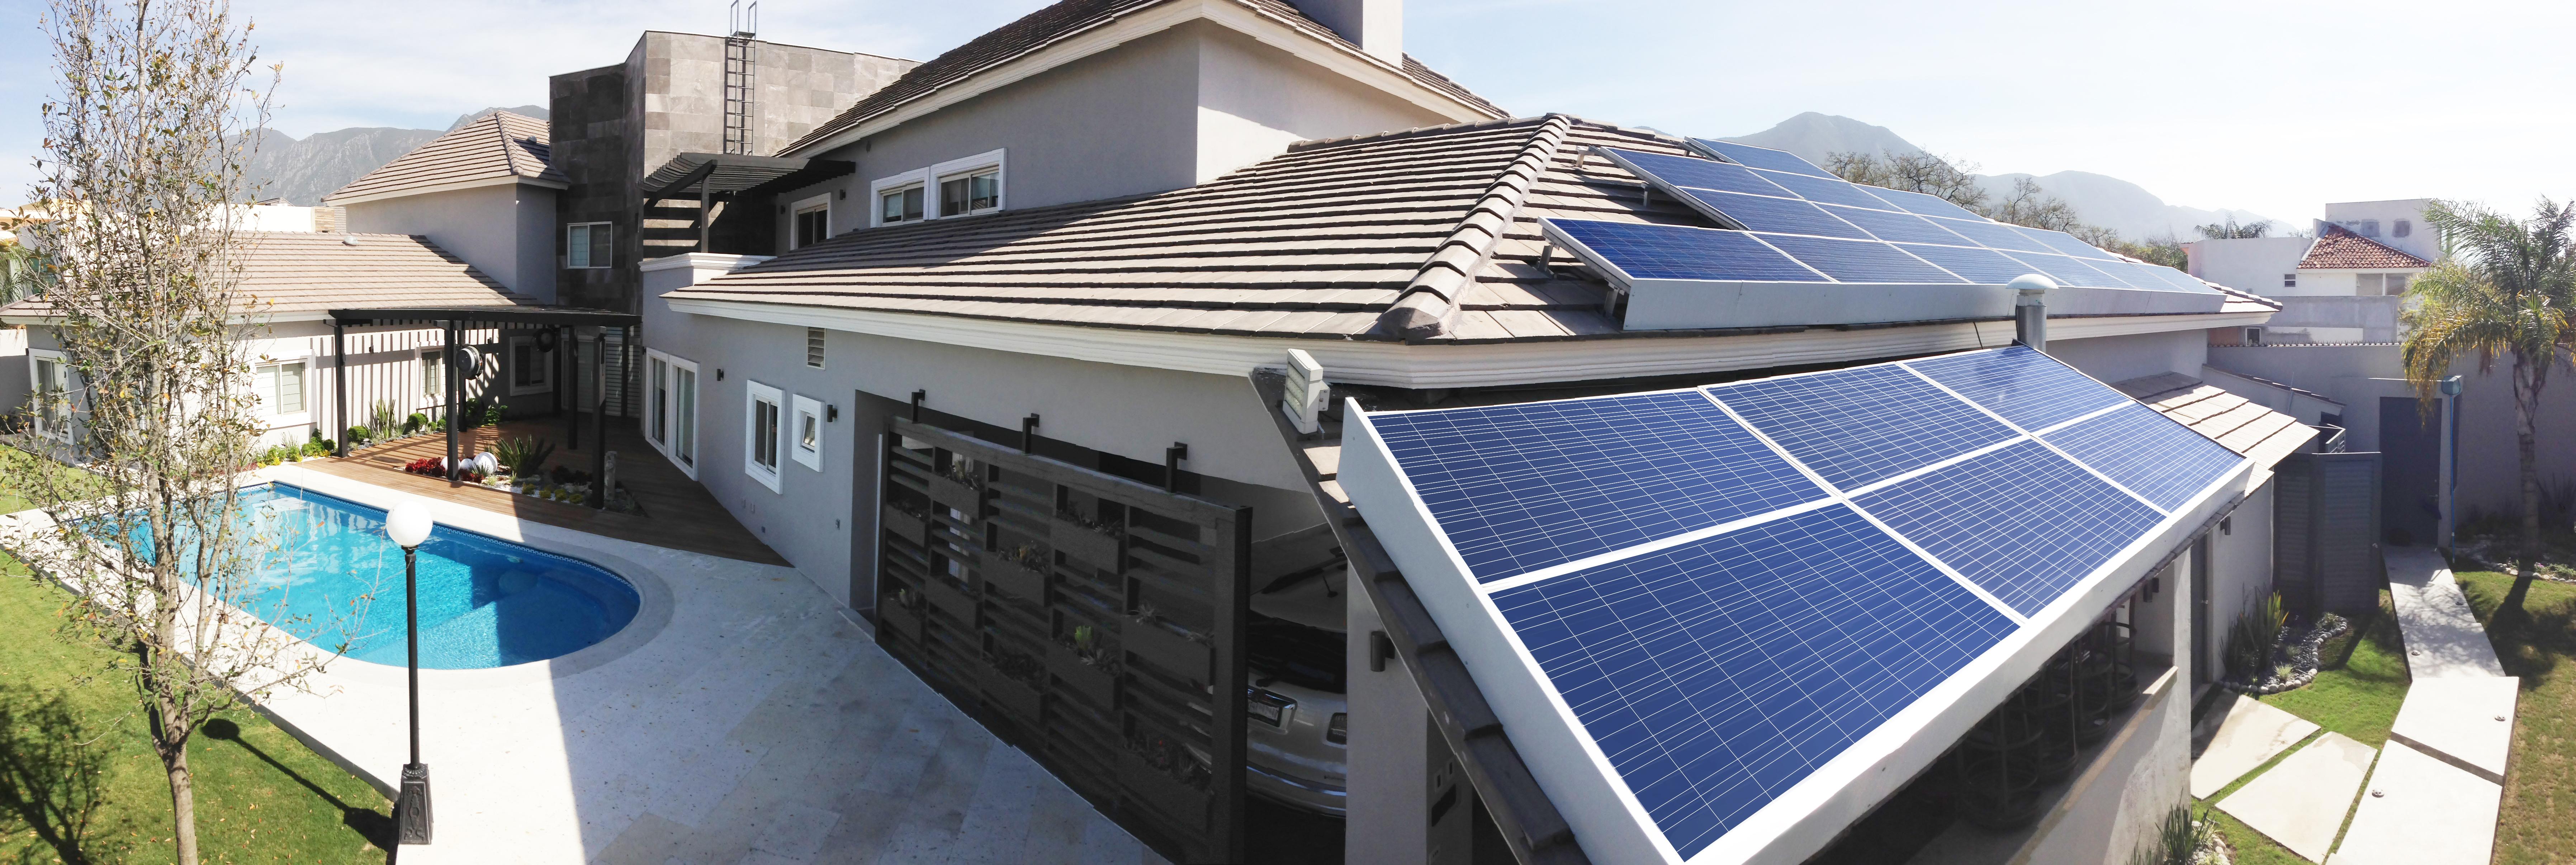 paneles-solares-elemento-básico-en-nuevas-construcciones.jpg